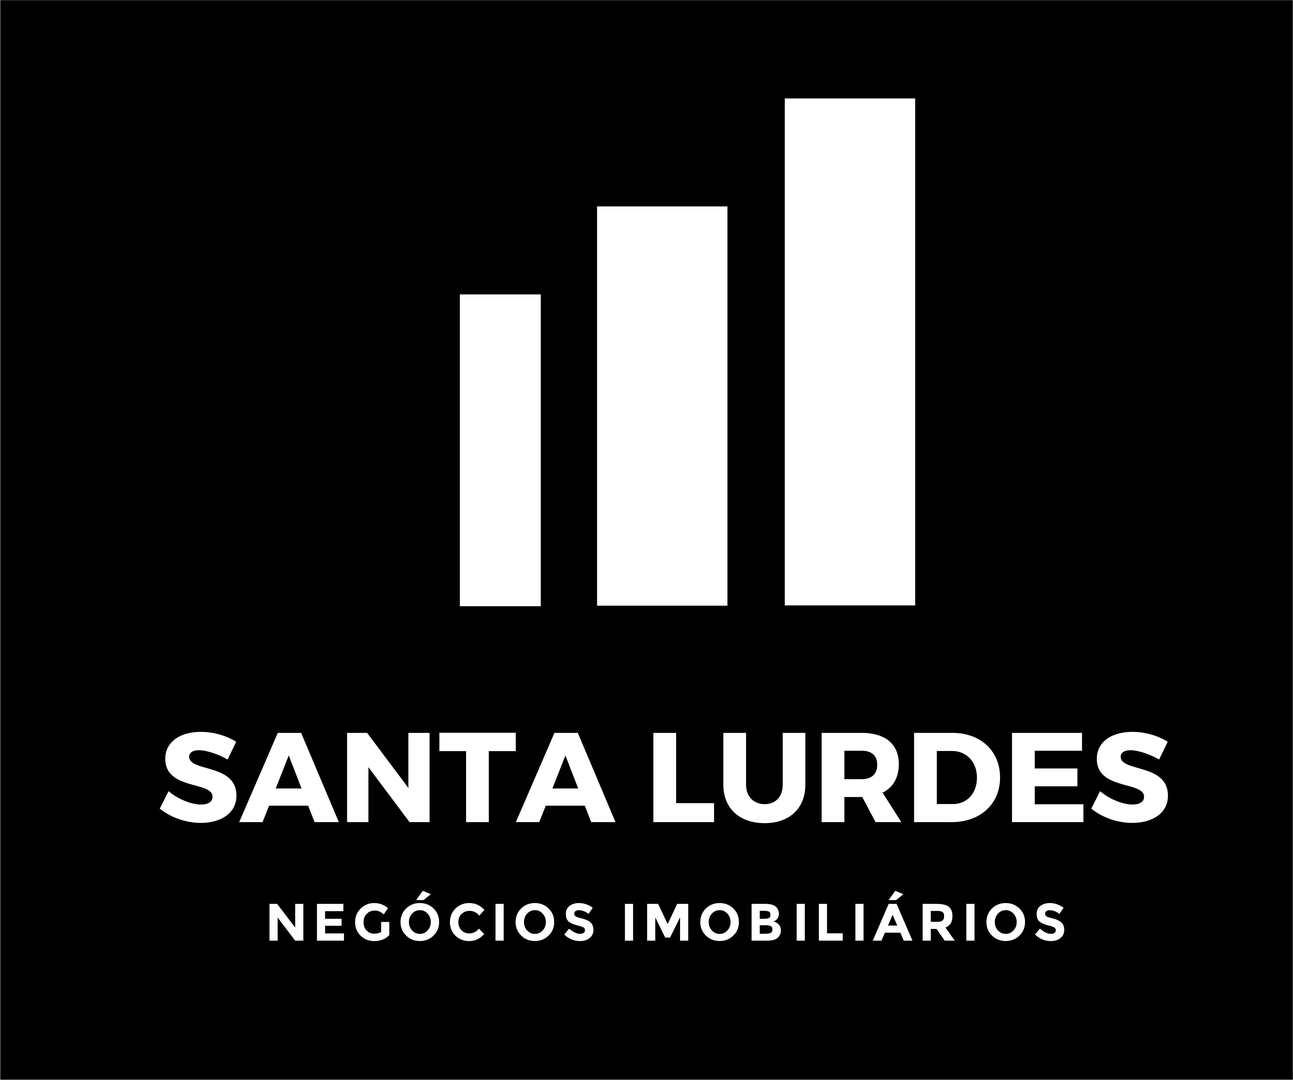 Santa Lurdes Negócios Imobiliários